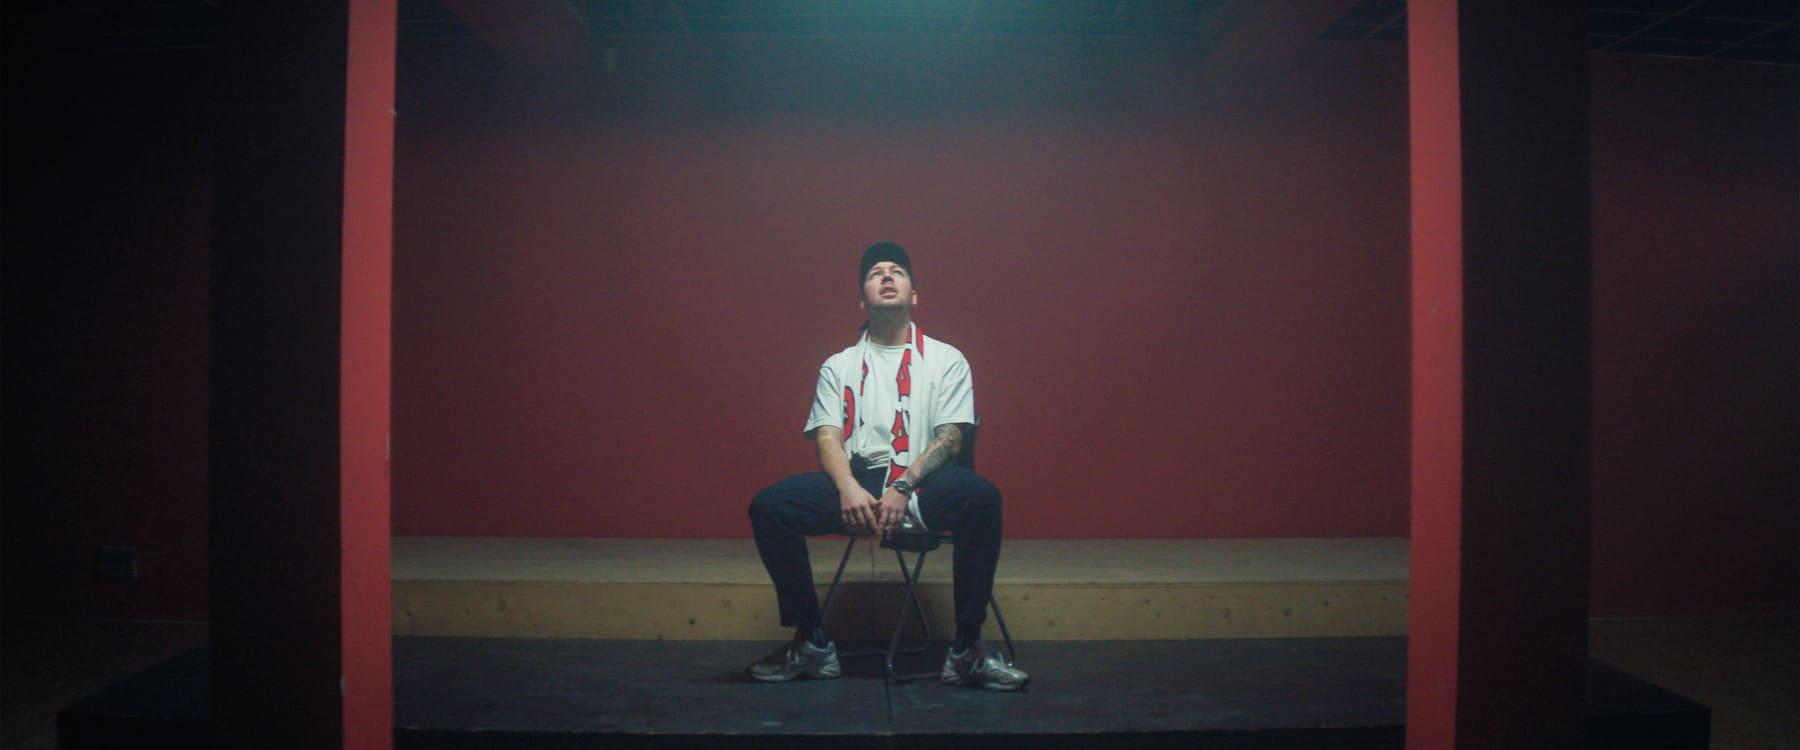 ERRDEKA allein auf dem Stuhl Musikvideo zum Lied Allein pt. II